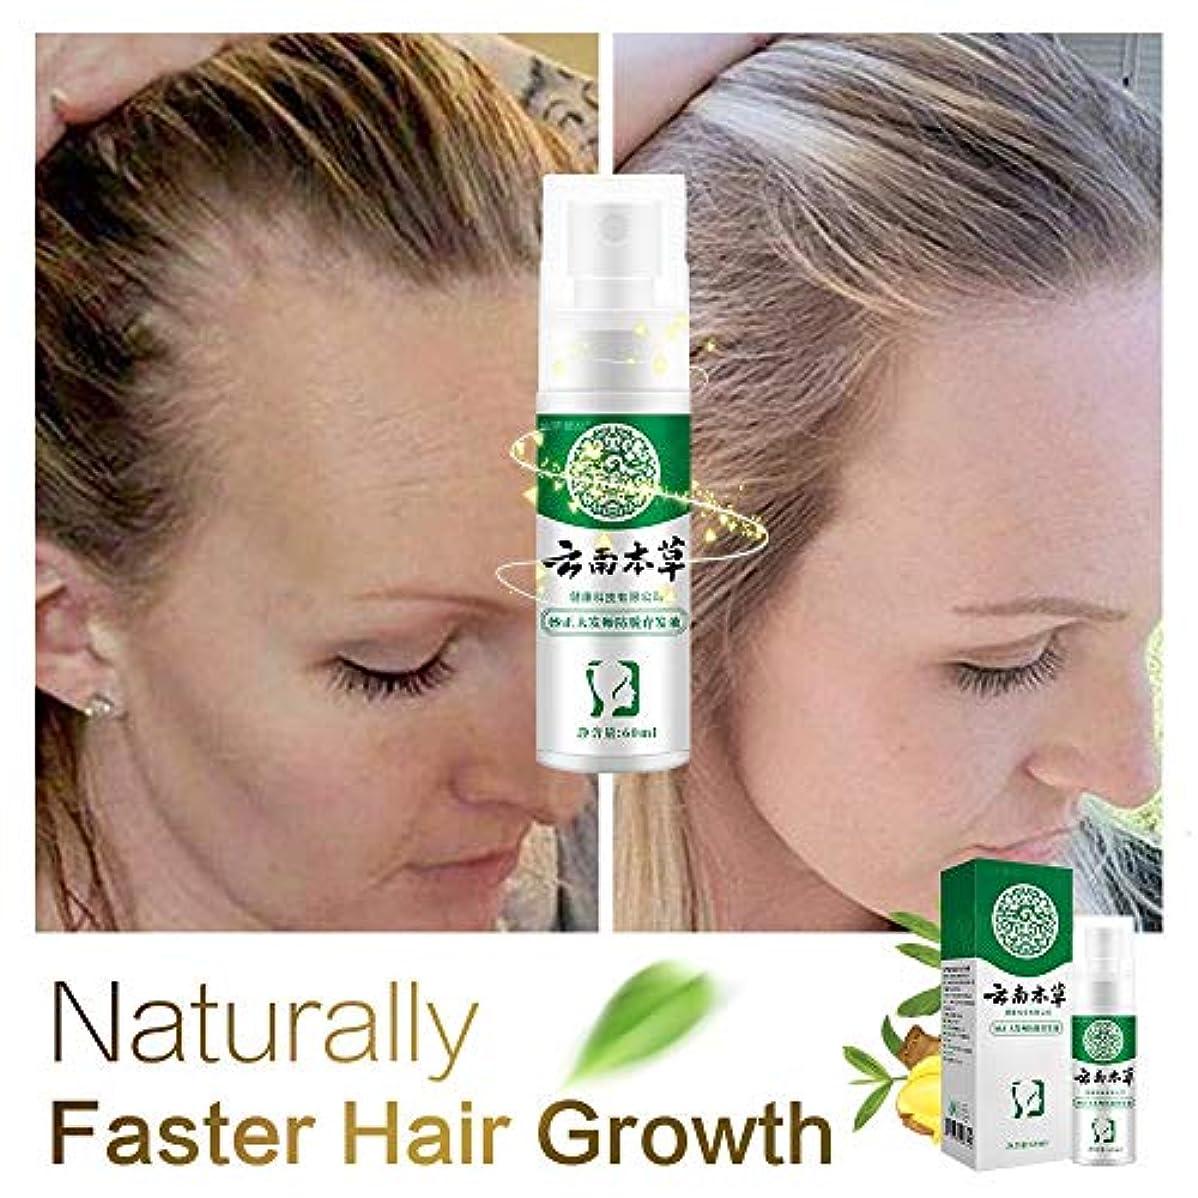 ストラトフォードオンエイボン柔らかさ確率育毛エッセンス抗脱毛治療エッセンシャルオイル液体スプレー栄養ルーツナチュラルヘアケア製品用男性女性60ミリリットル